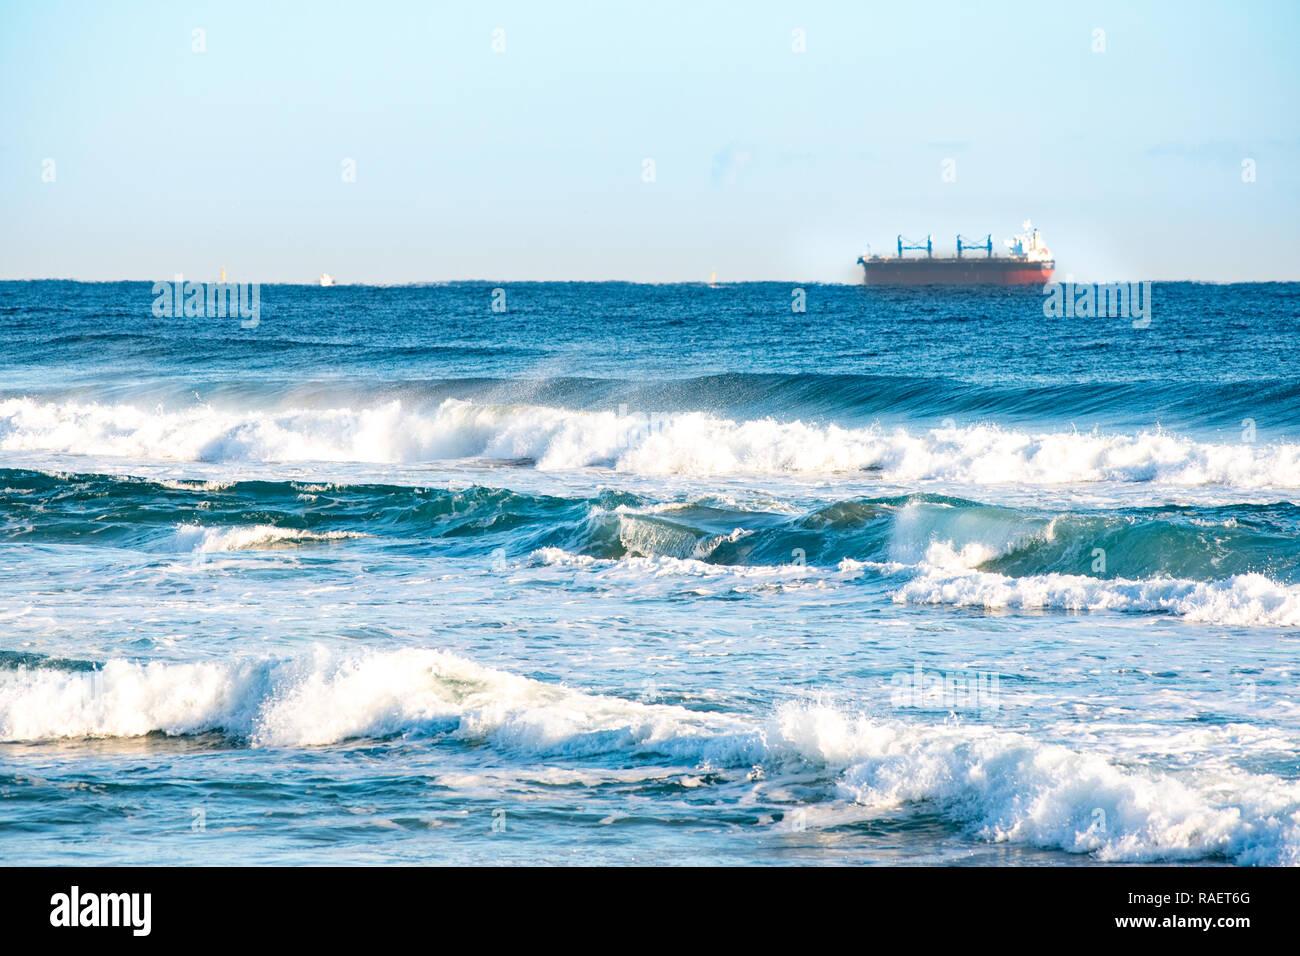 Wild Waves et ciel bleu. Plage de Gangwon-do, en République de Corée. Banque D'Images